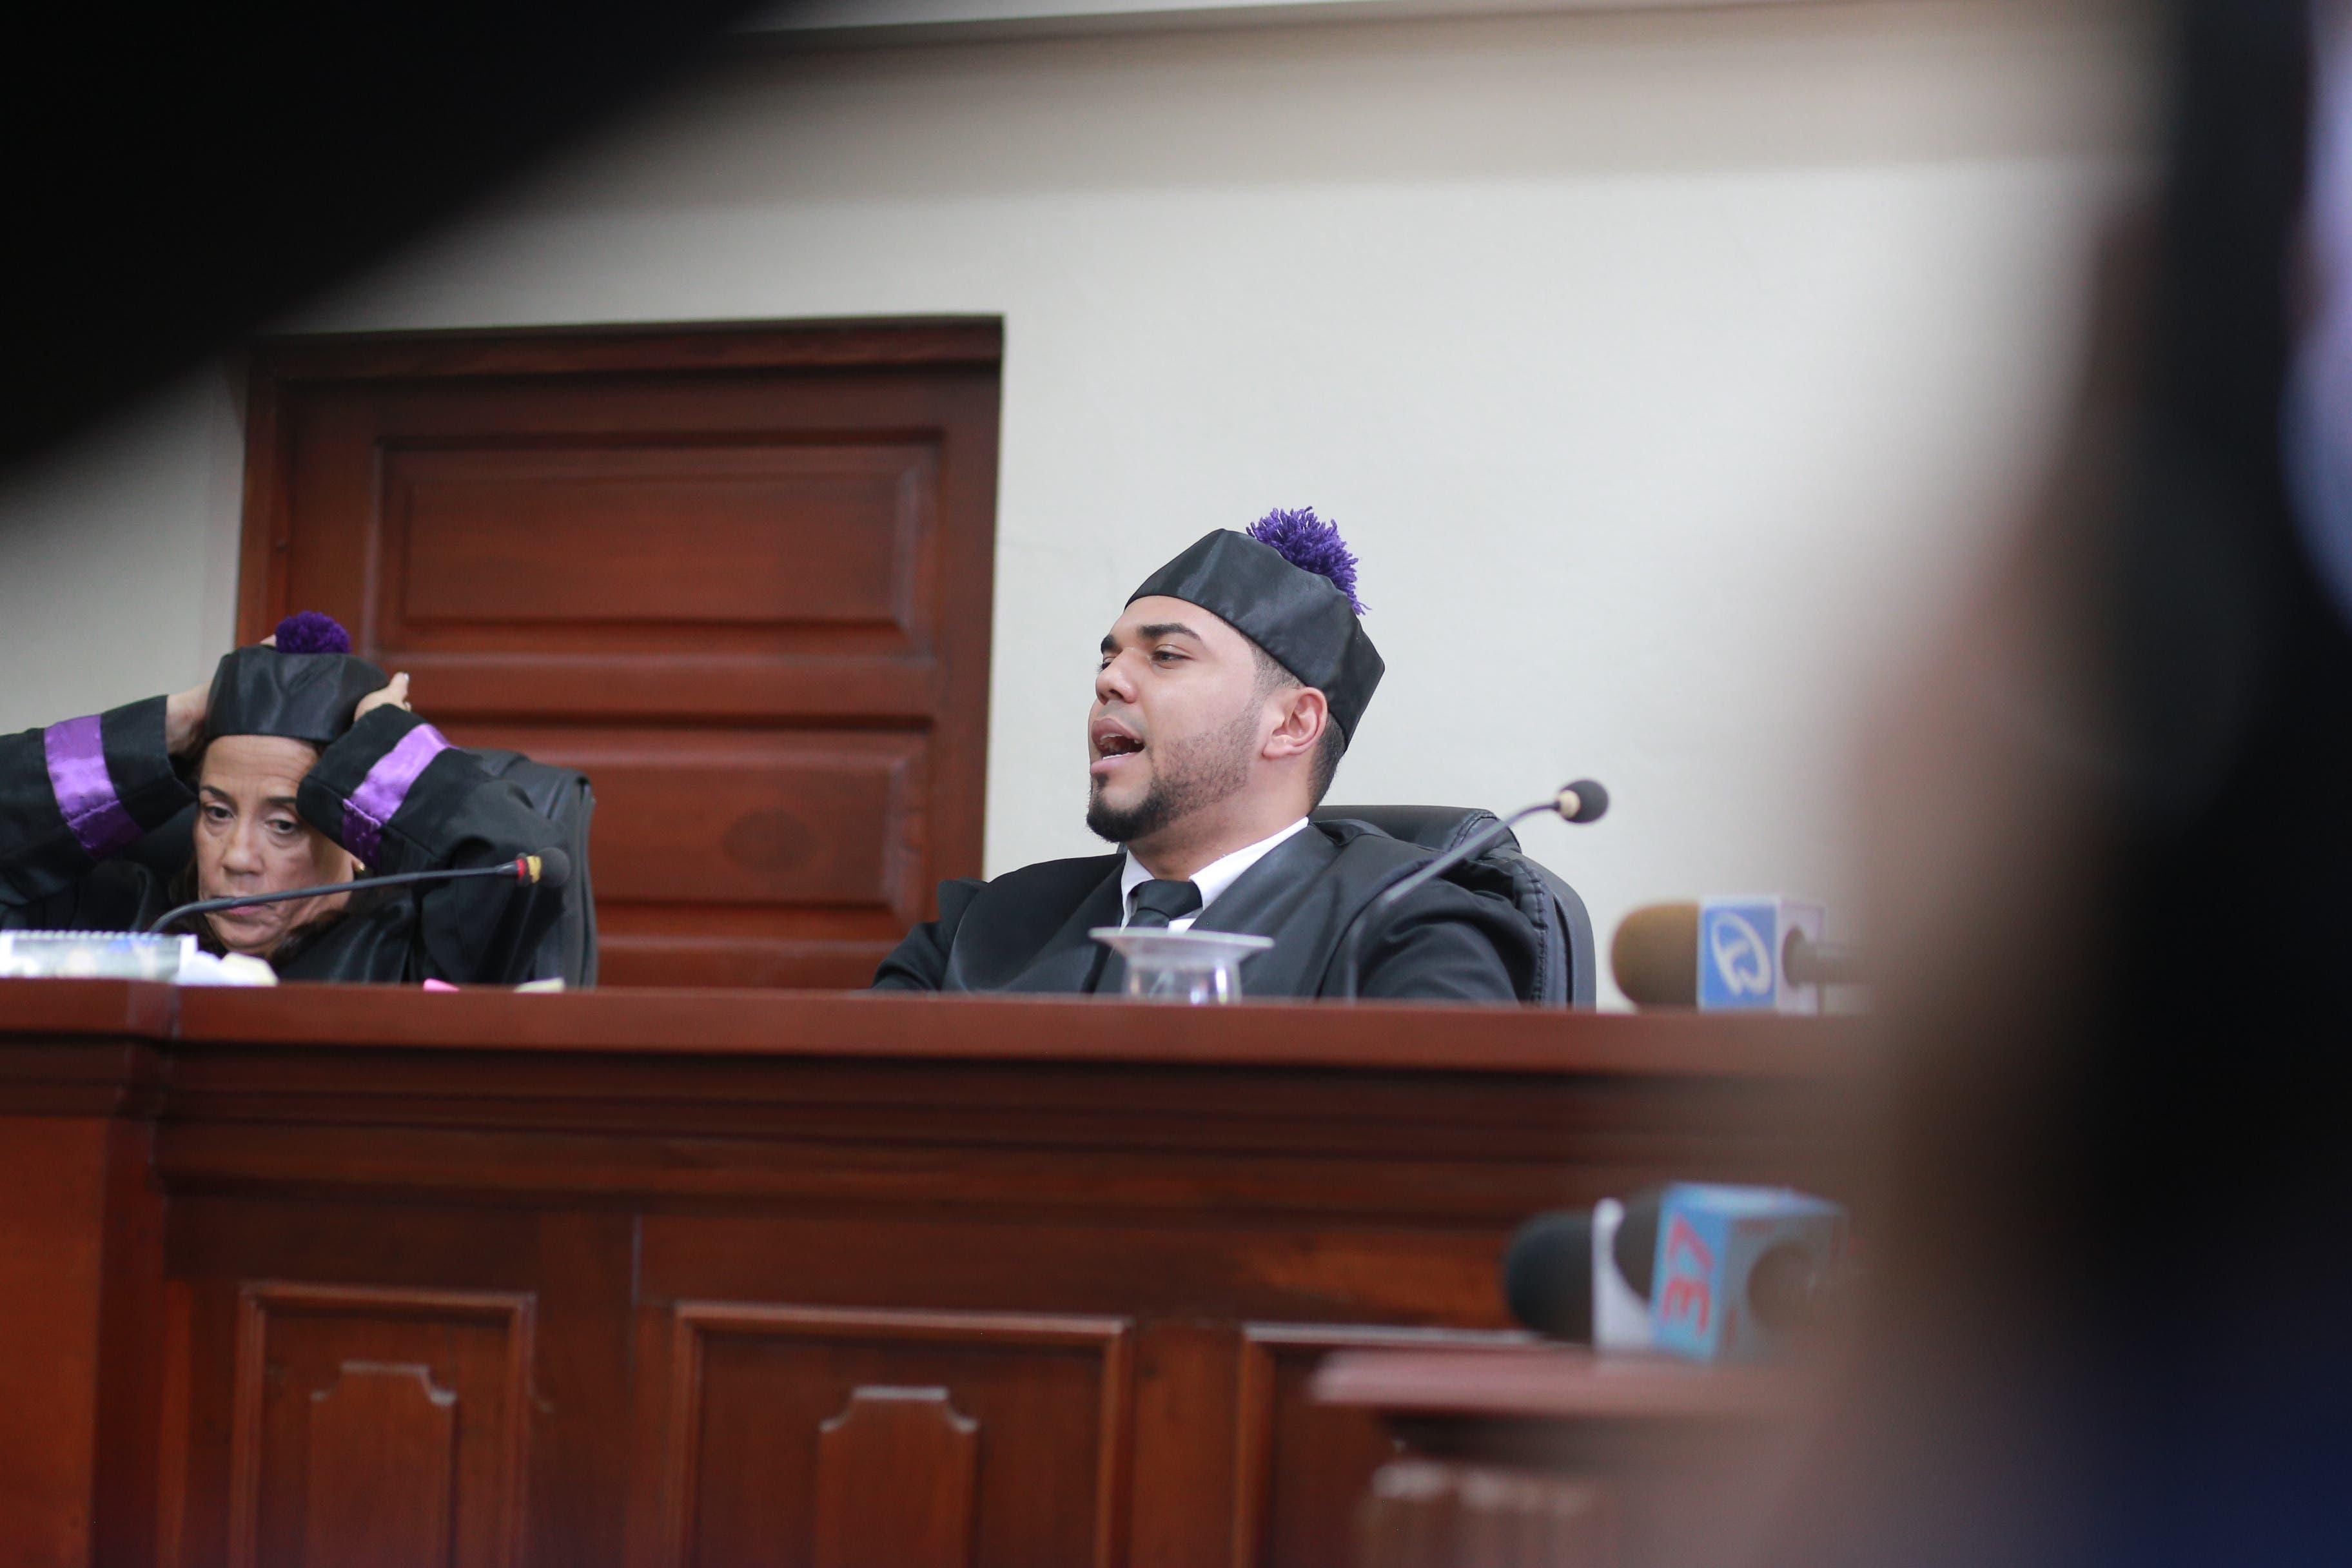 9. El juez Víctor Alfonso Ynoa Gómez leyó sentencia del caso